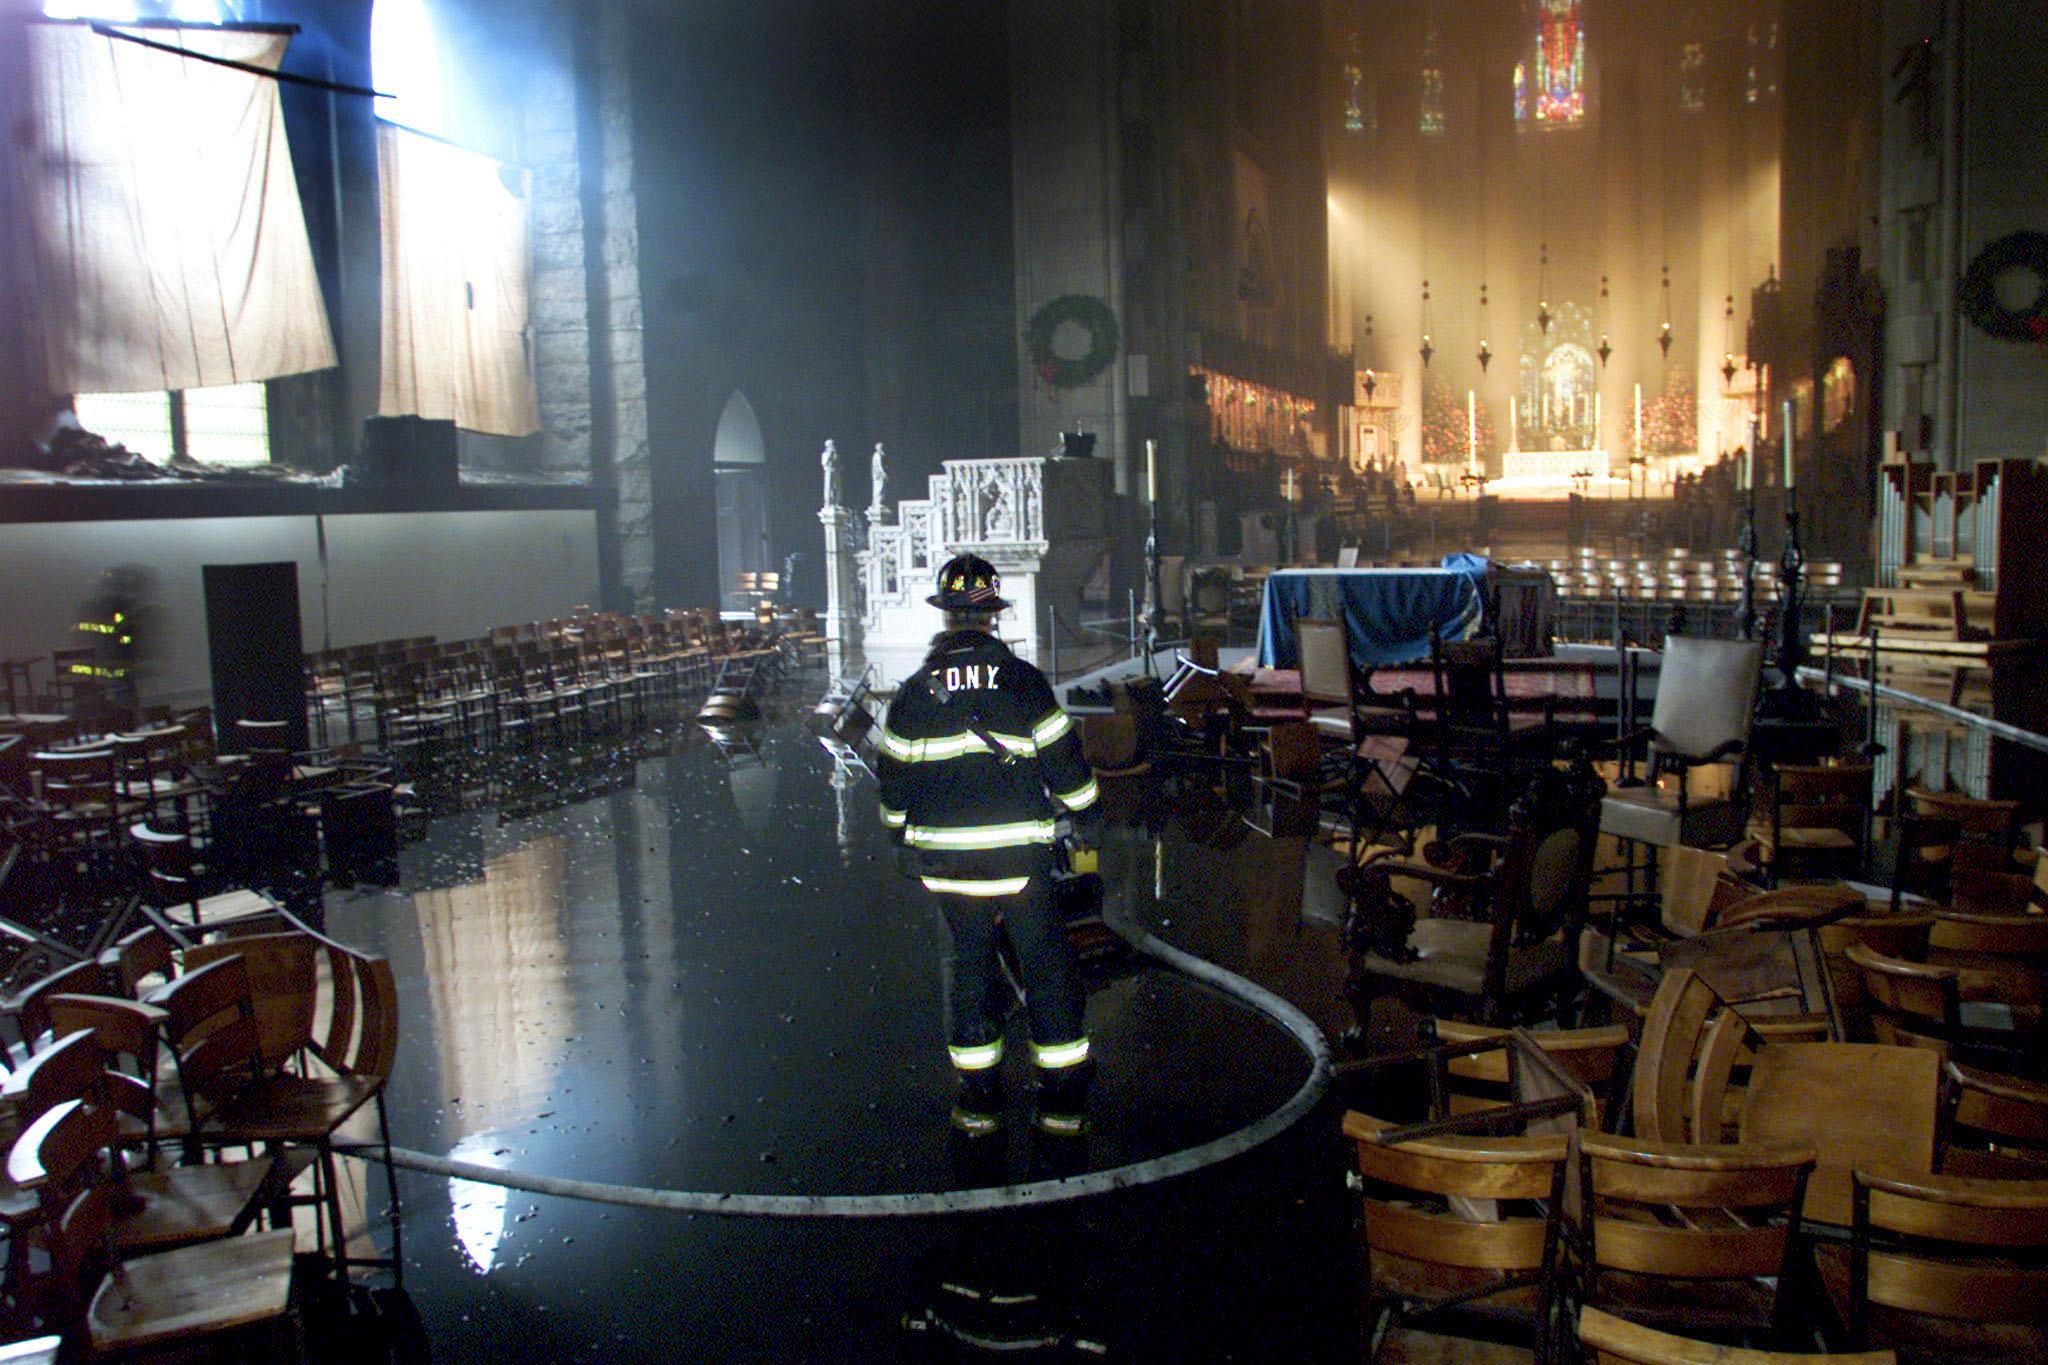 مسيرة حزينة فى قلب باريس بسبب حريق الكاتدرائية (14)